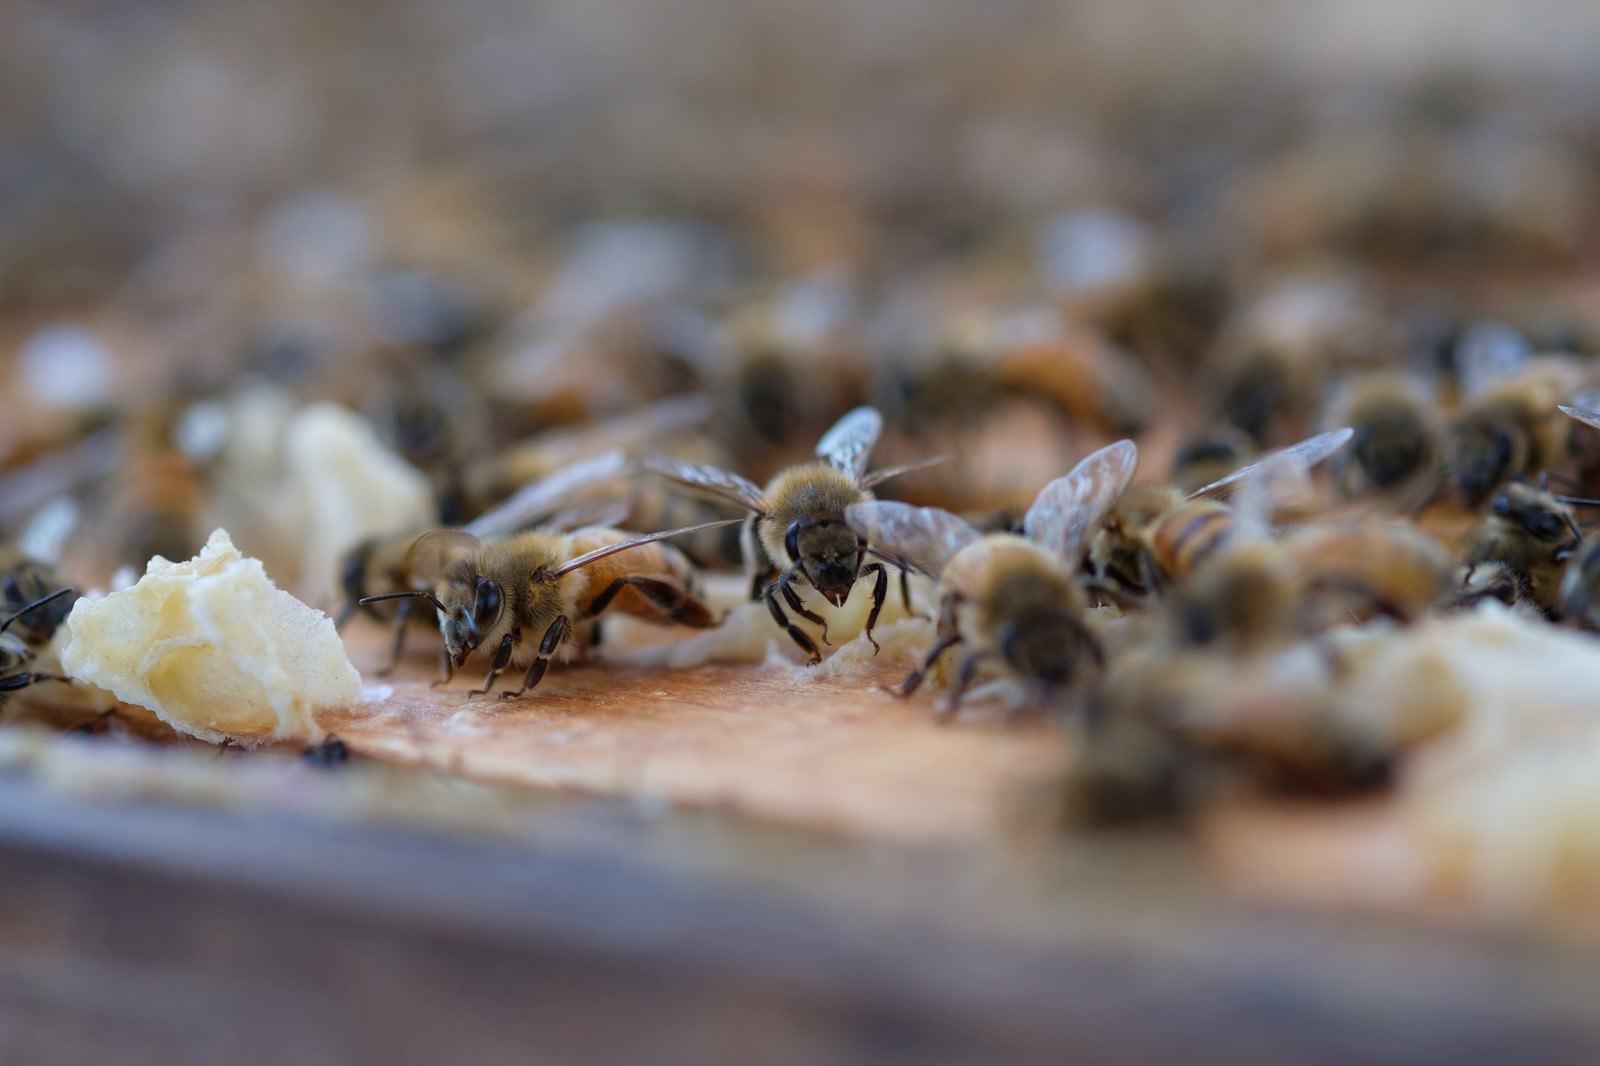 「至る所に蜜蝋で巣を拡張しようとする働き蜂」の写真